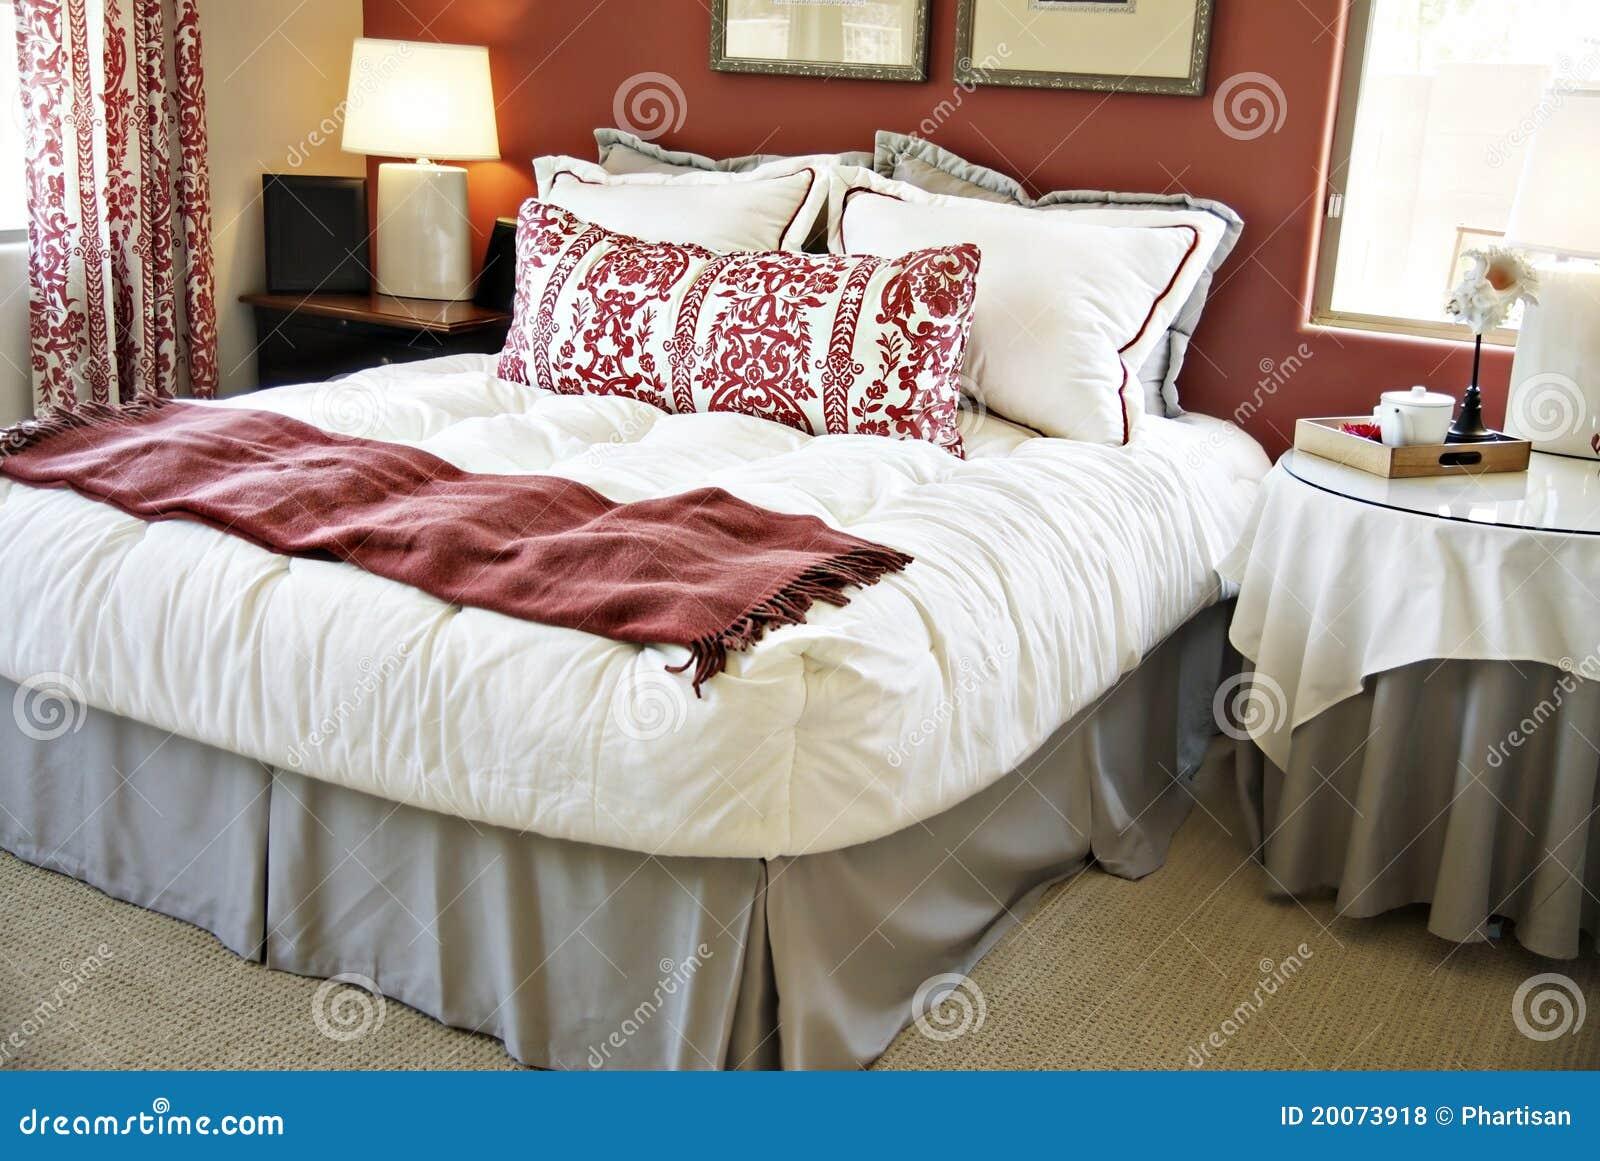 schlafzimmereinrichtungen lizenzfreie stockfotos bild. Black Bedroom Furniture Sets. Home Design Ideas